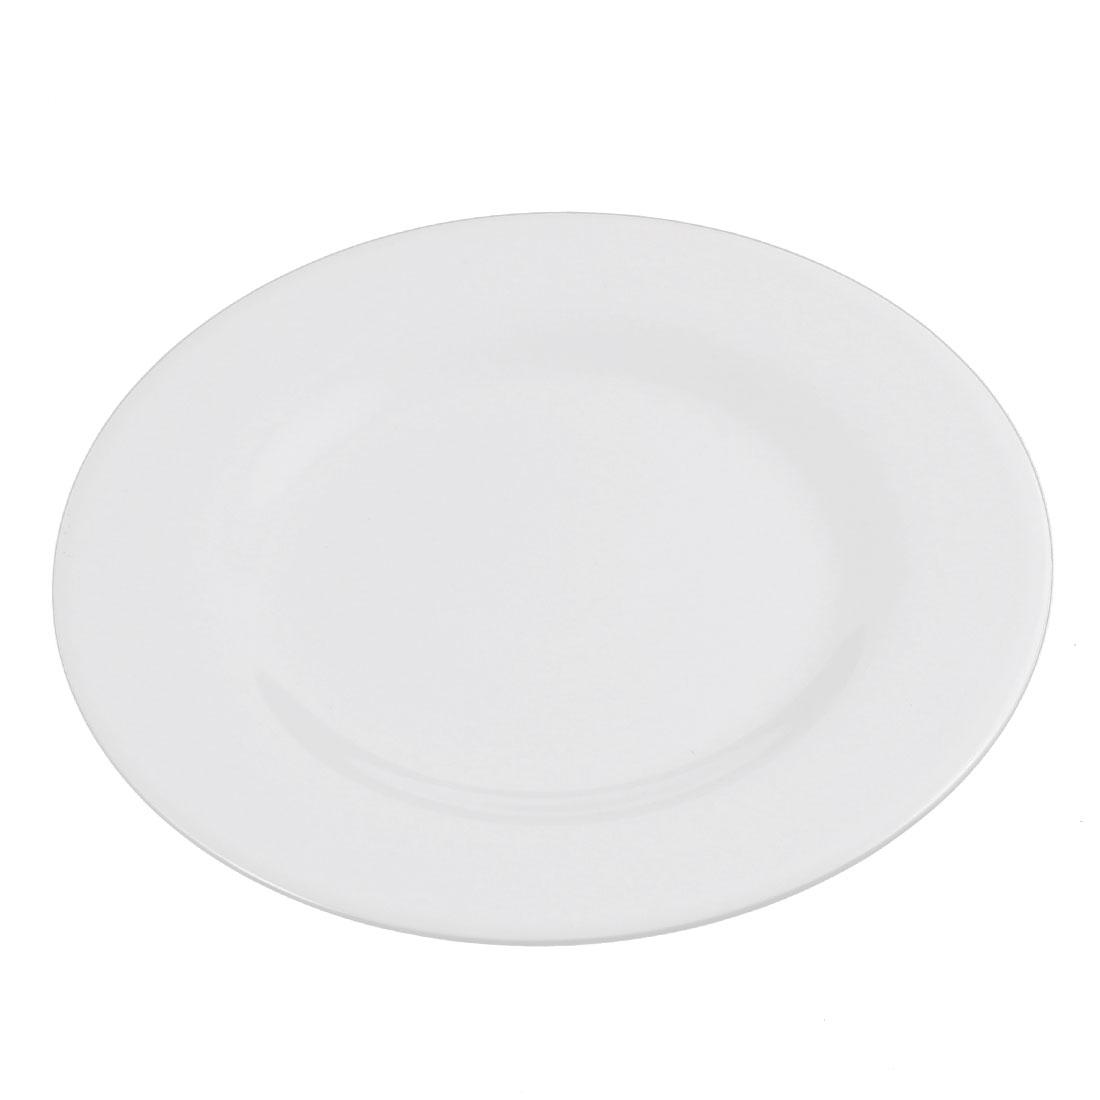 Kitchen Round Shape Dinner Food Dessert Plate Dish 7 Inch Dia White